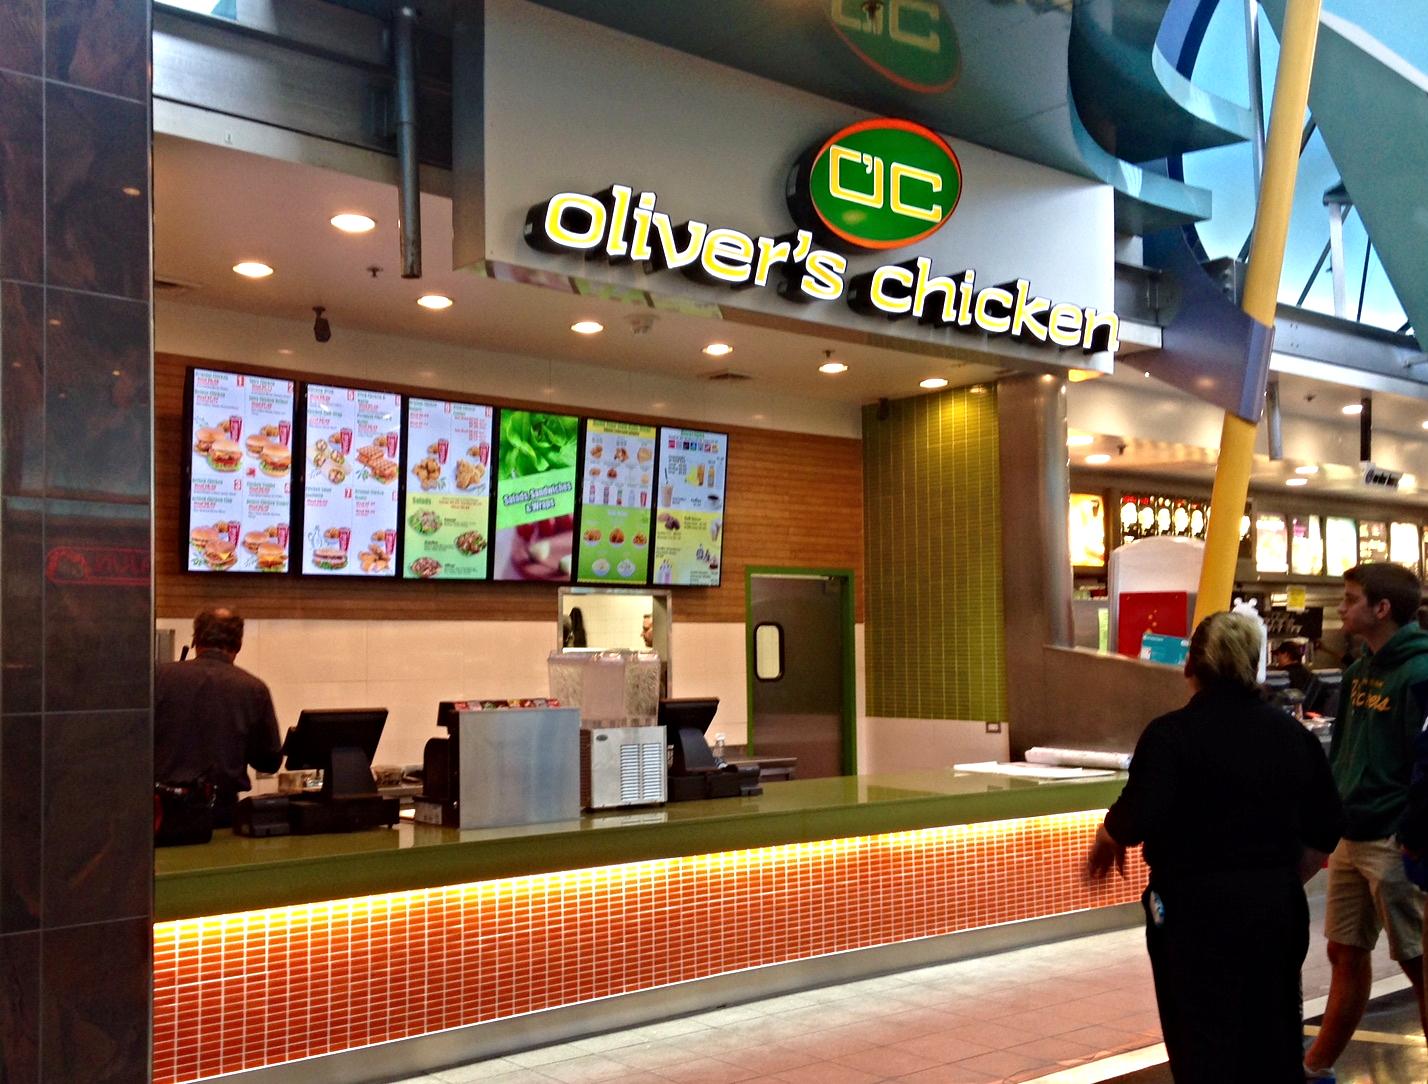 Oliver's Chicken - Gurnee